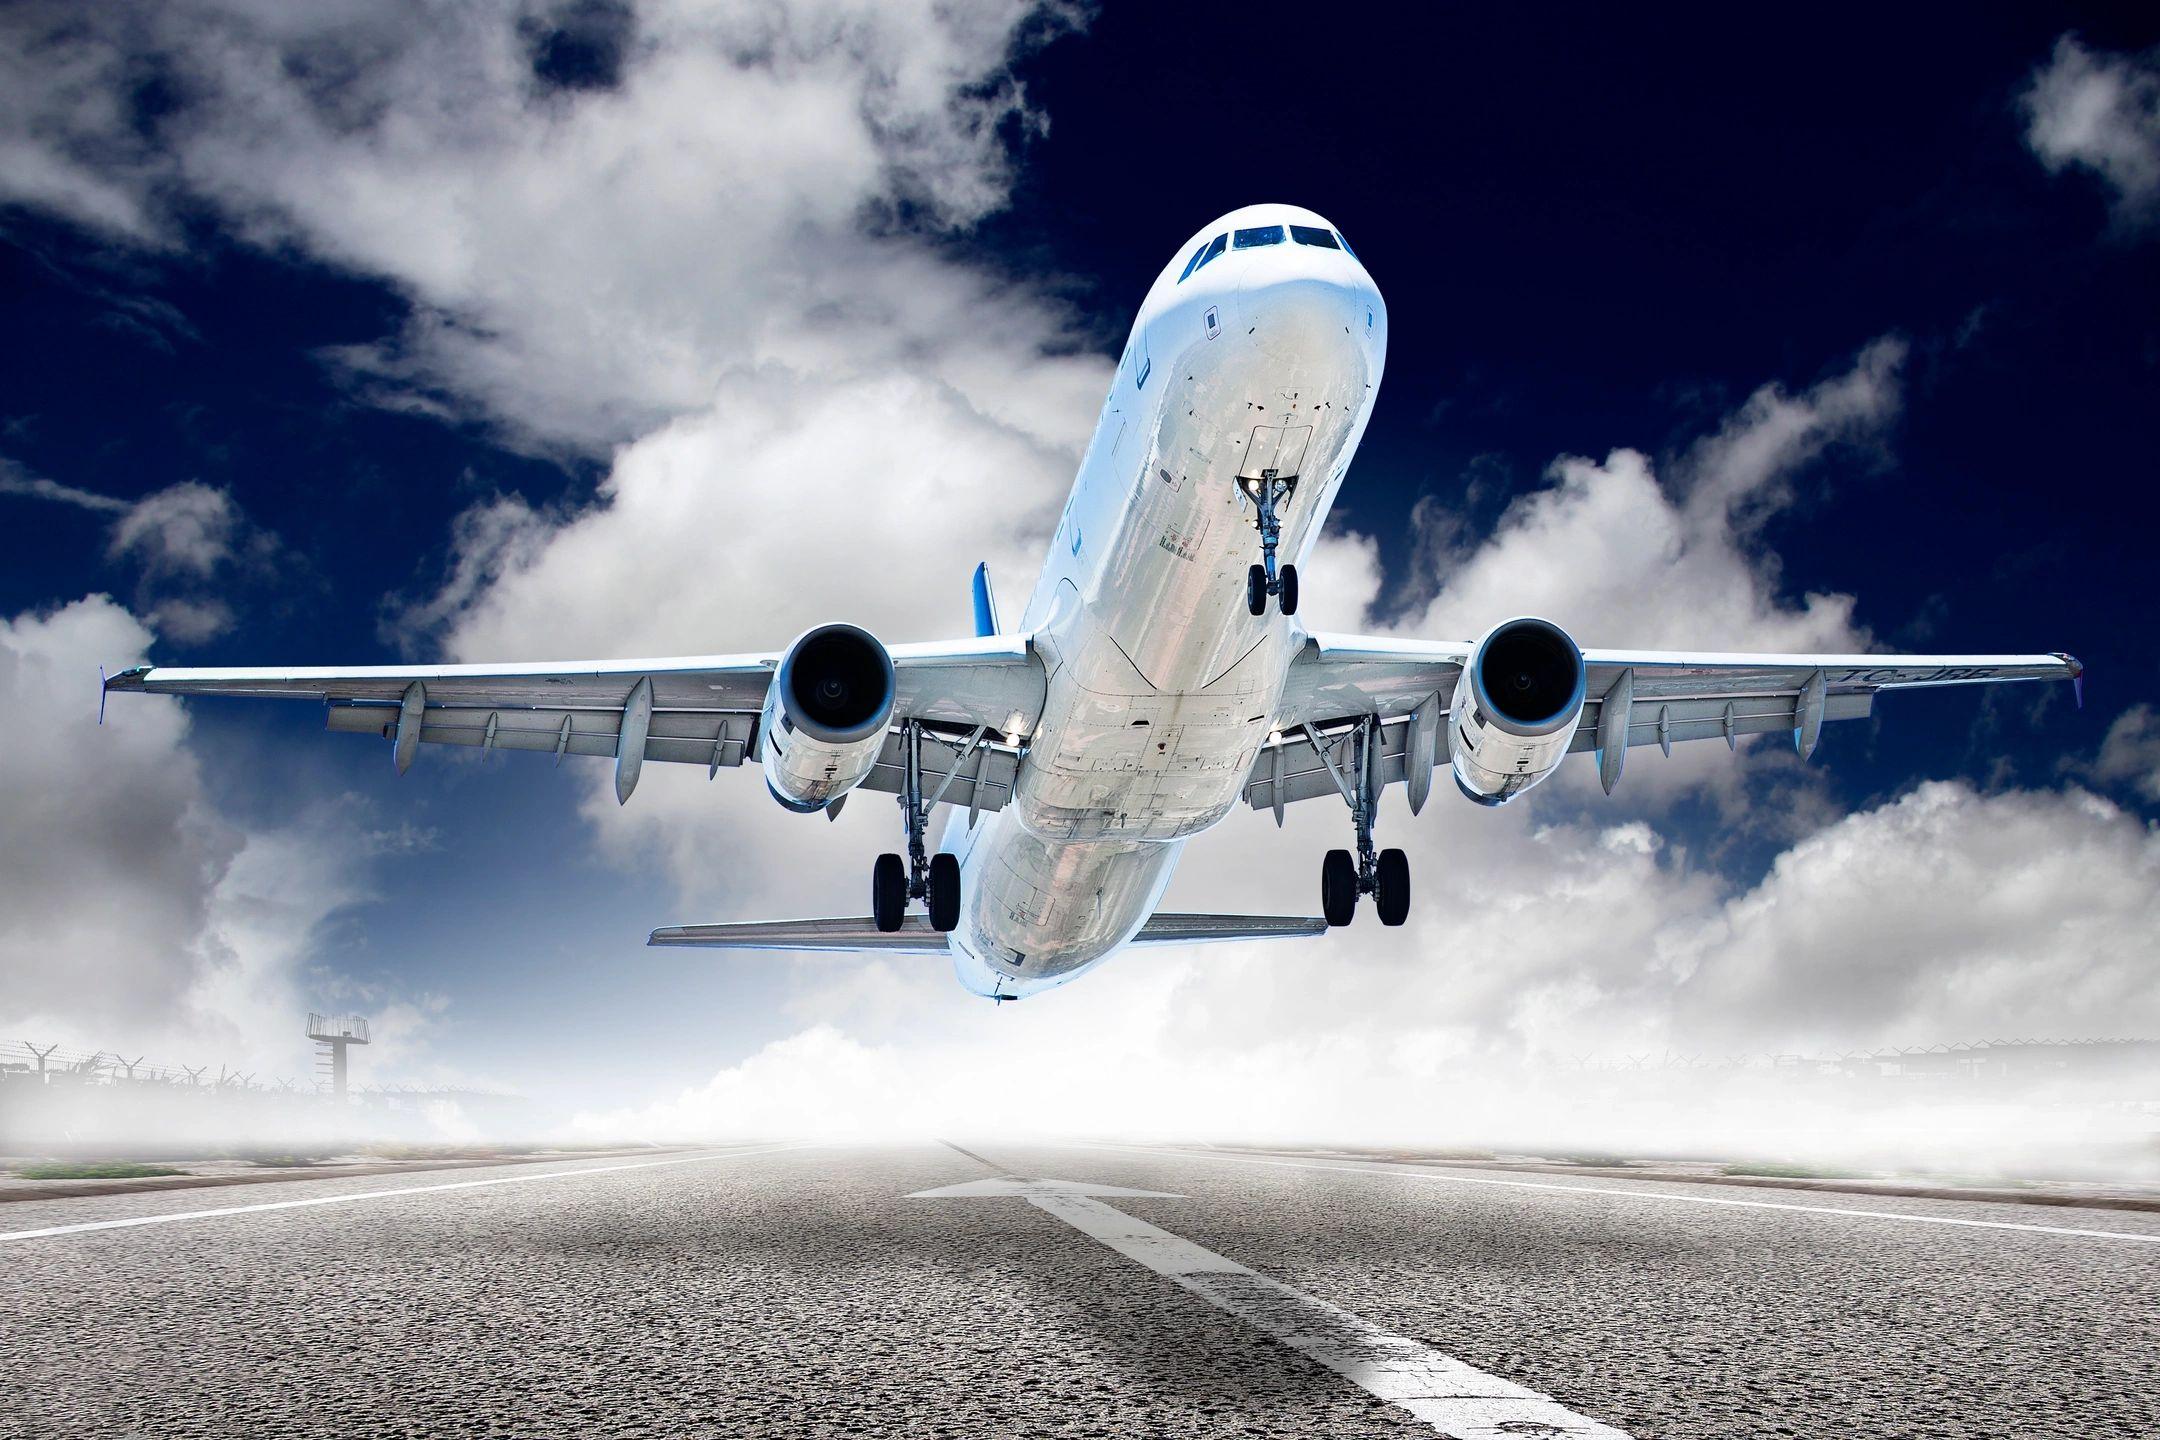 Flight Noise Complaints